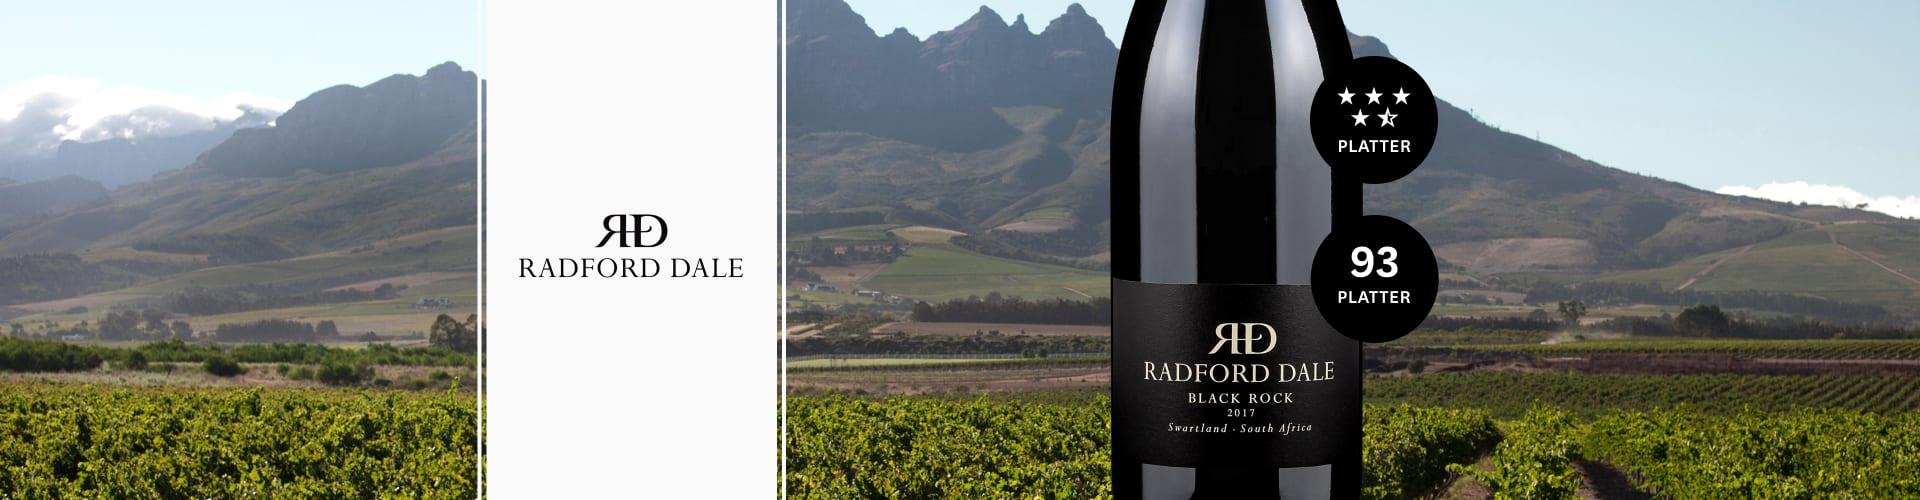 Kult-Wein vom Kap